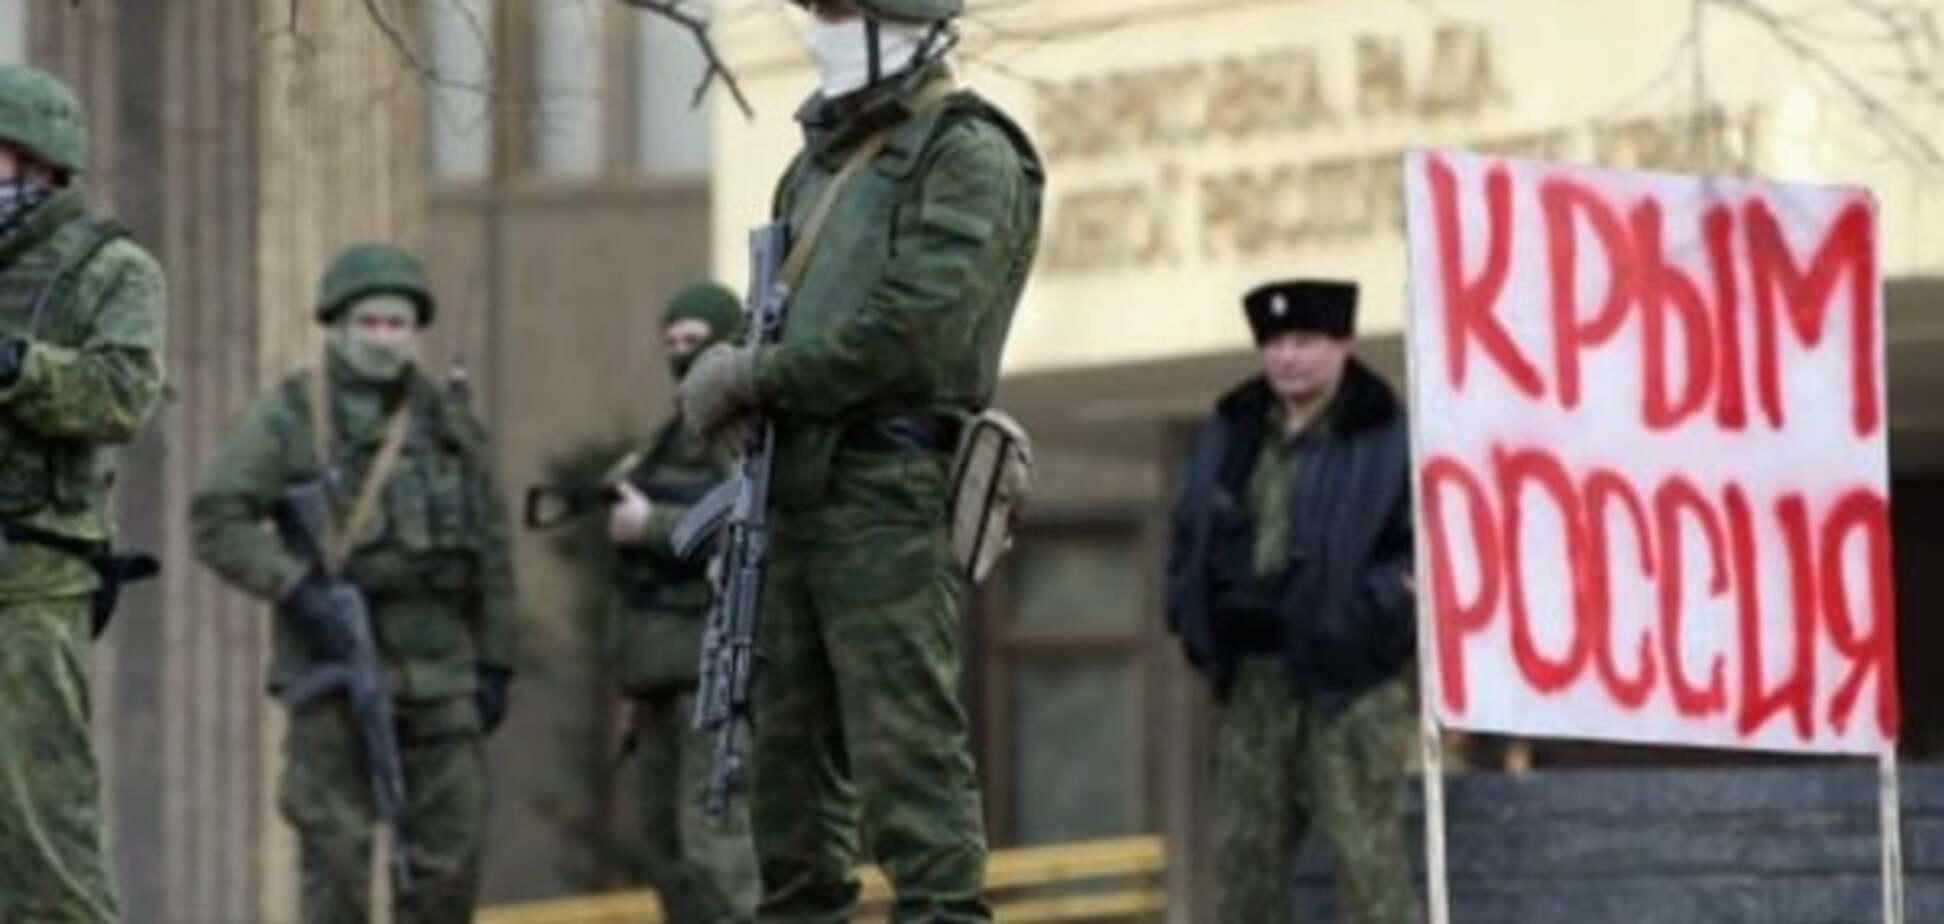 Кравчук объяснил, что нужно делать с украденным Крымом